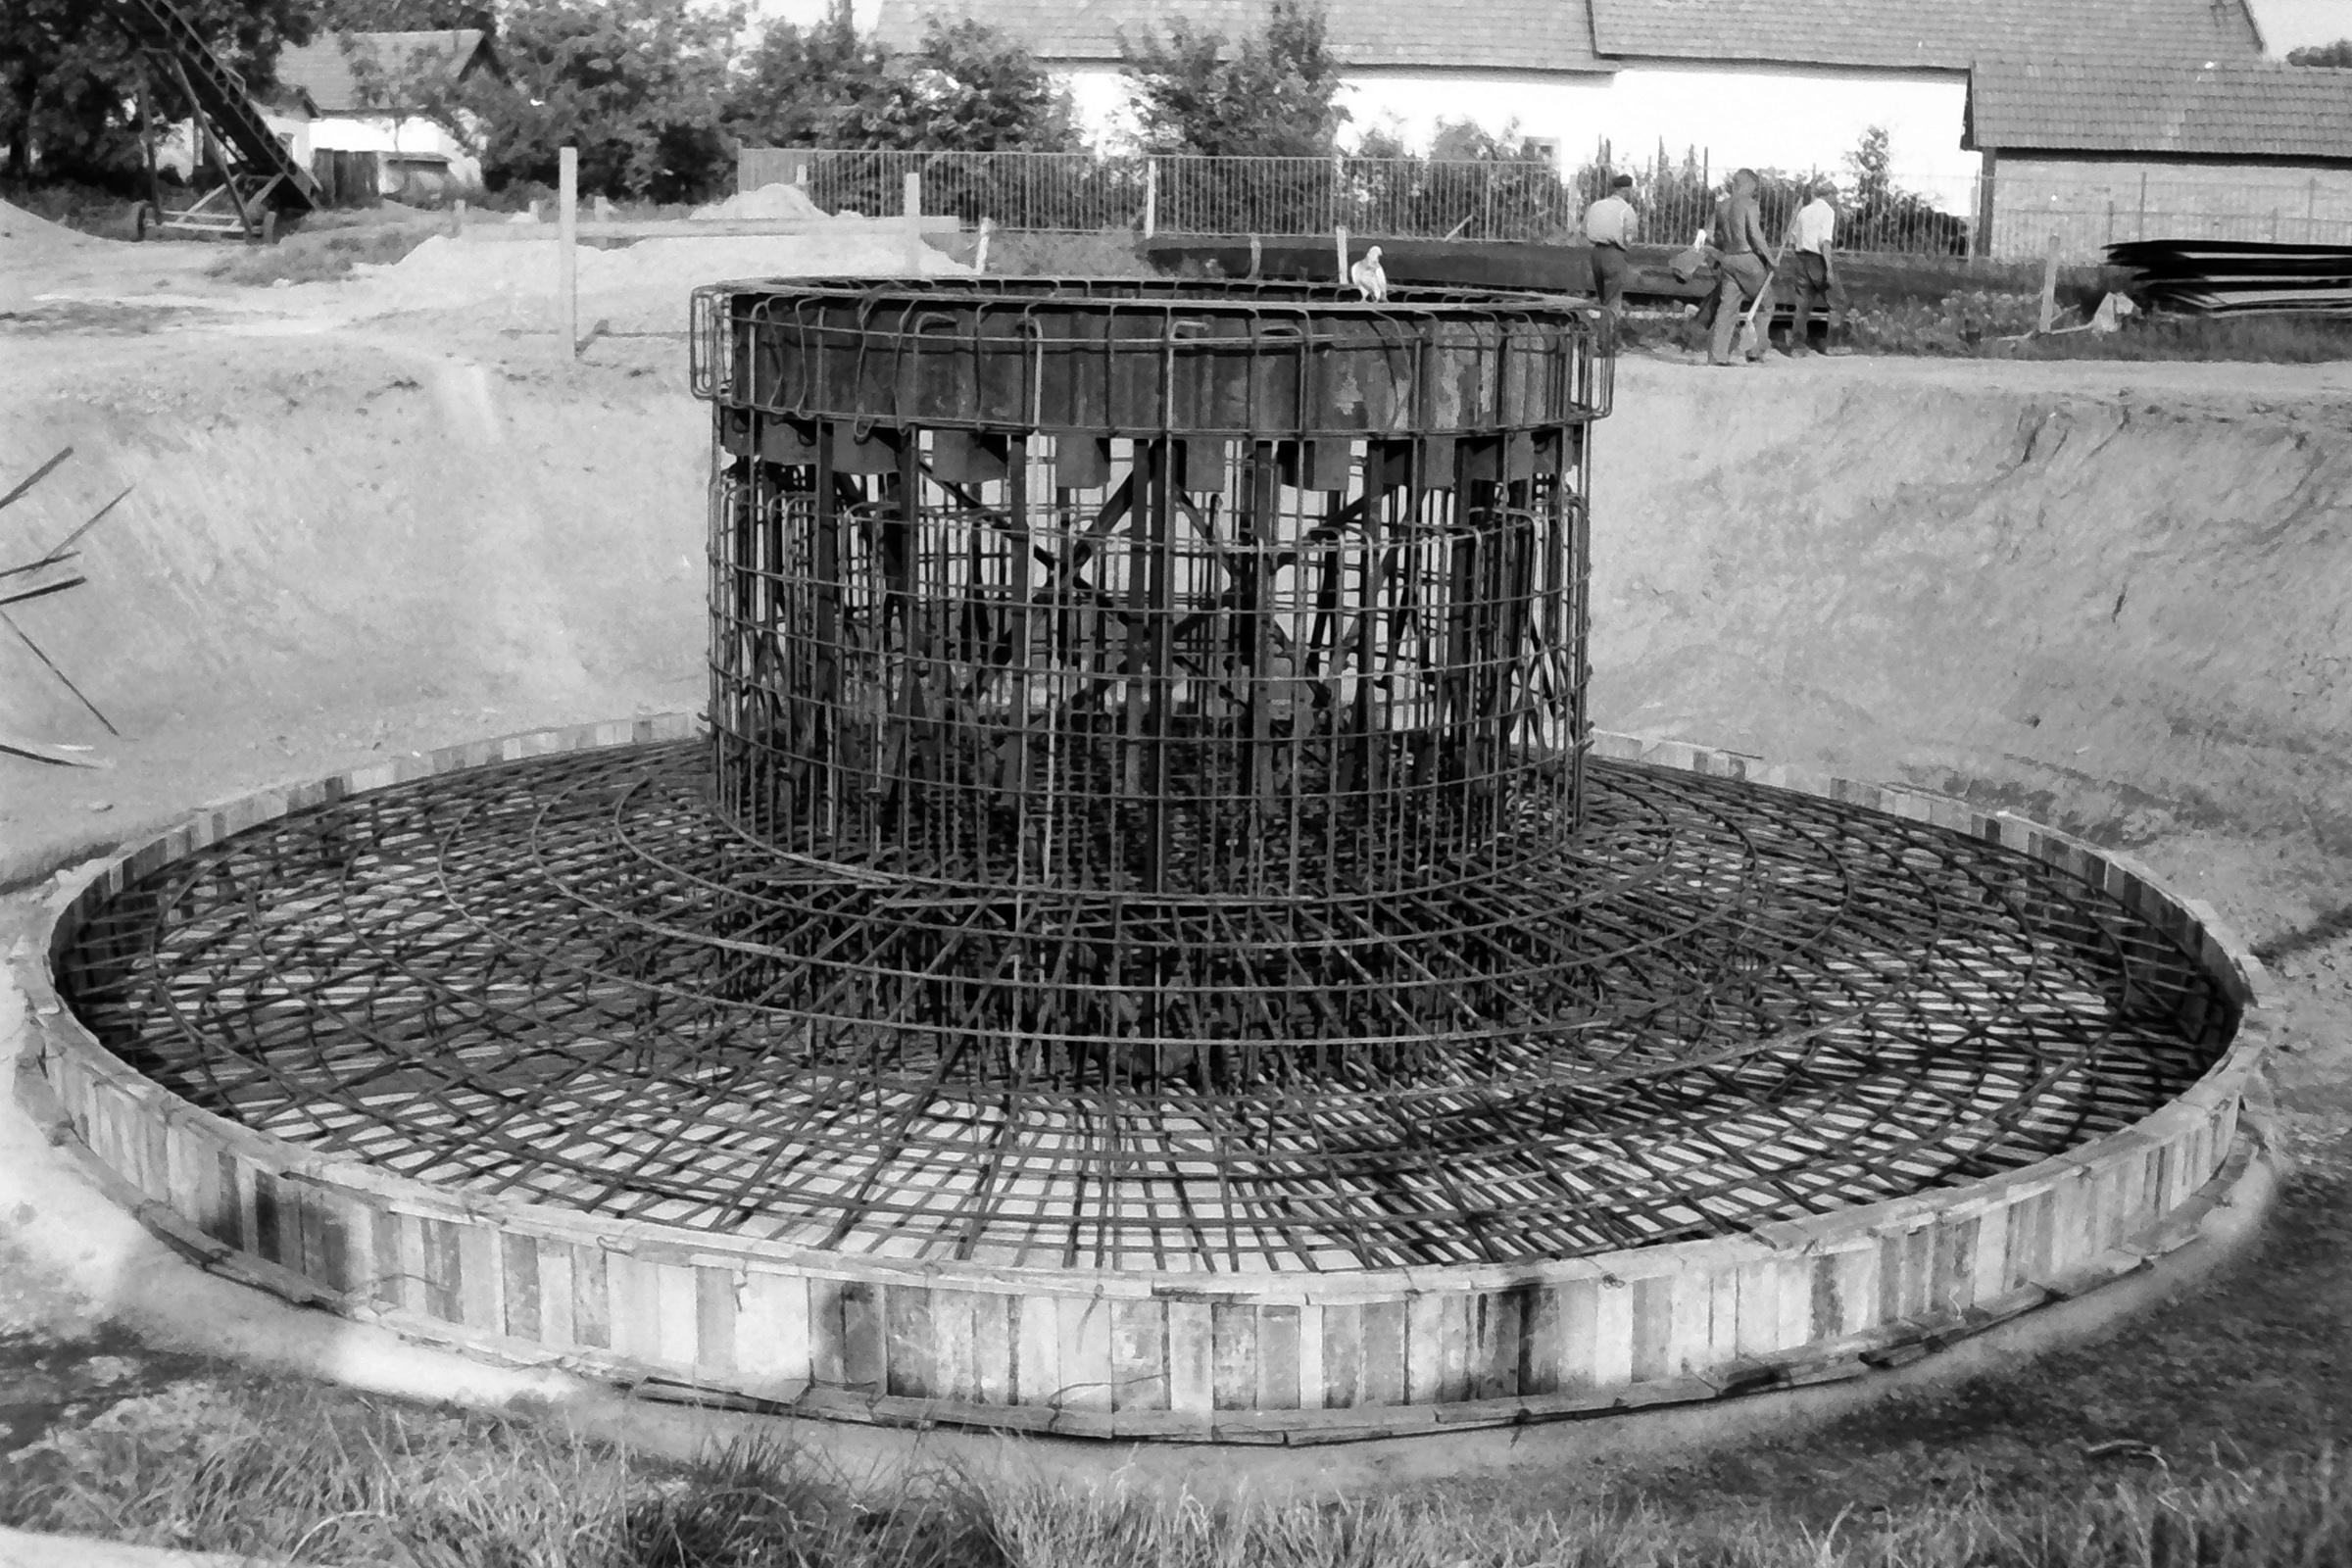 082. 1978. Épül a víztorony 002. - Fotó: Lucz Ferenc.jpg